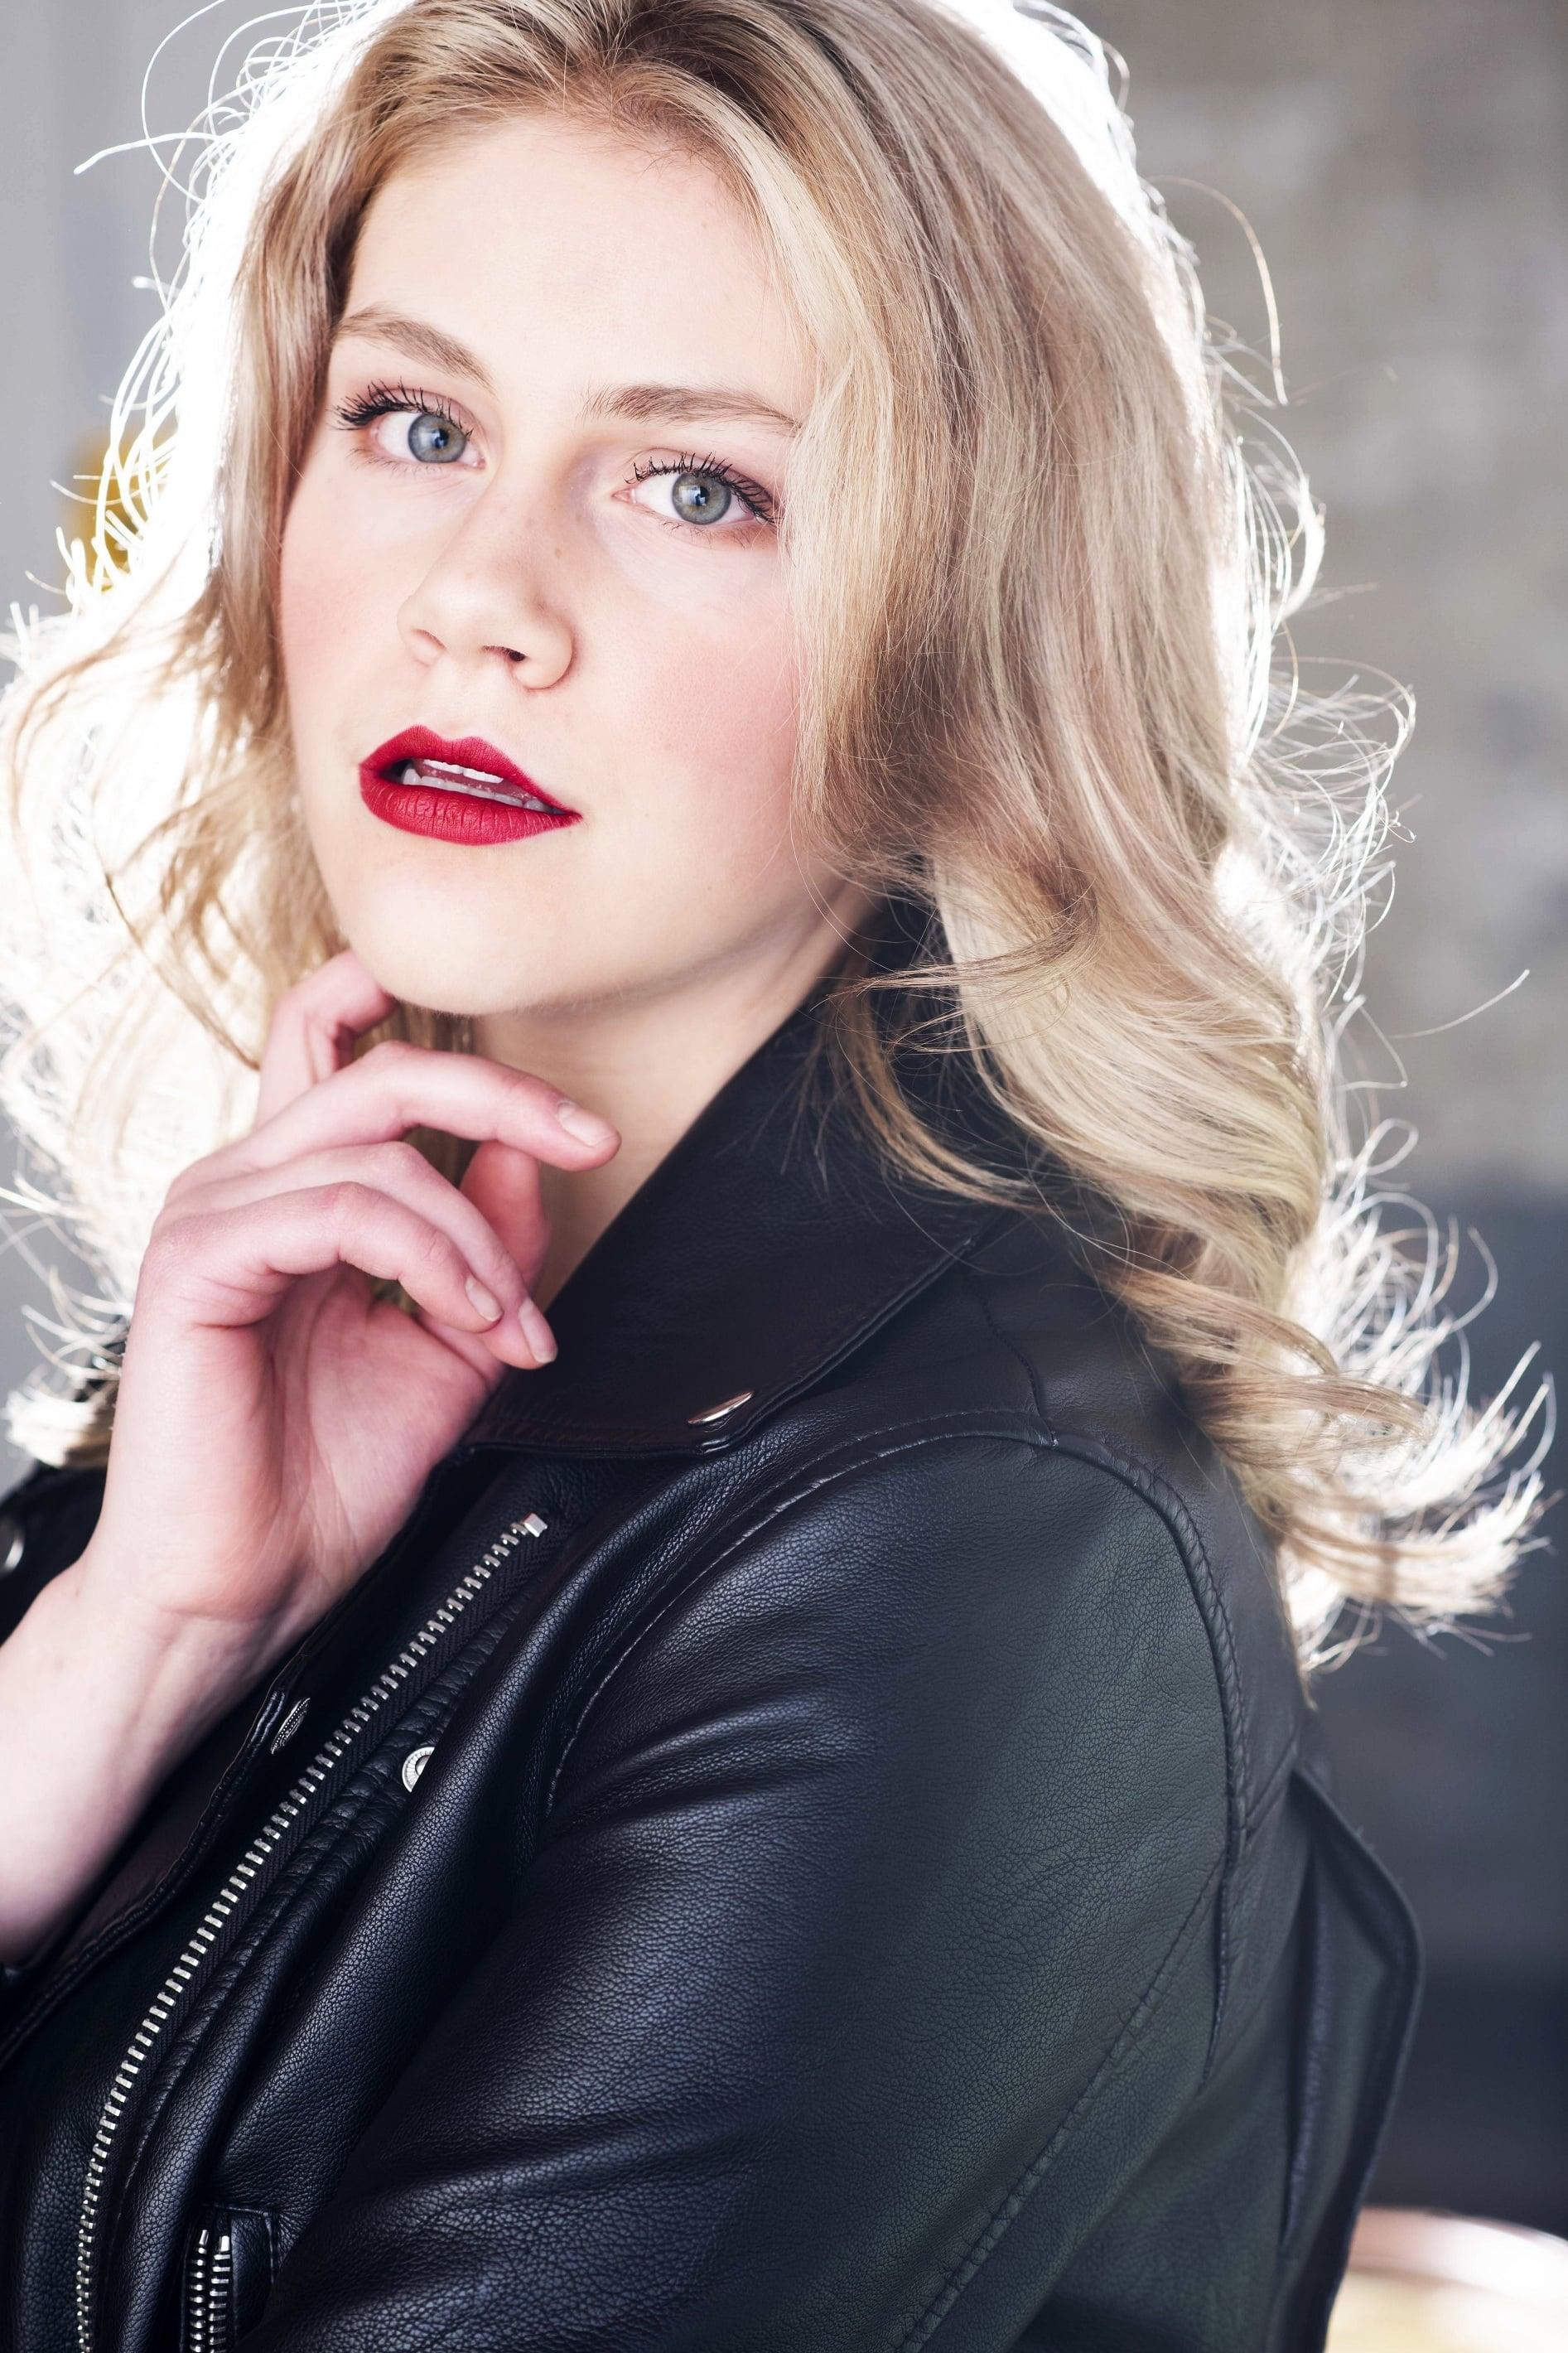 Sarah Luby